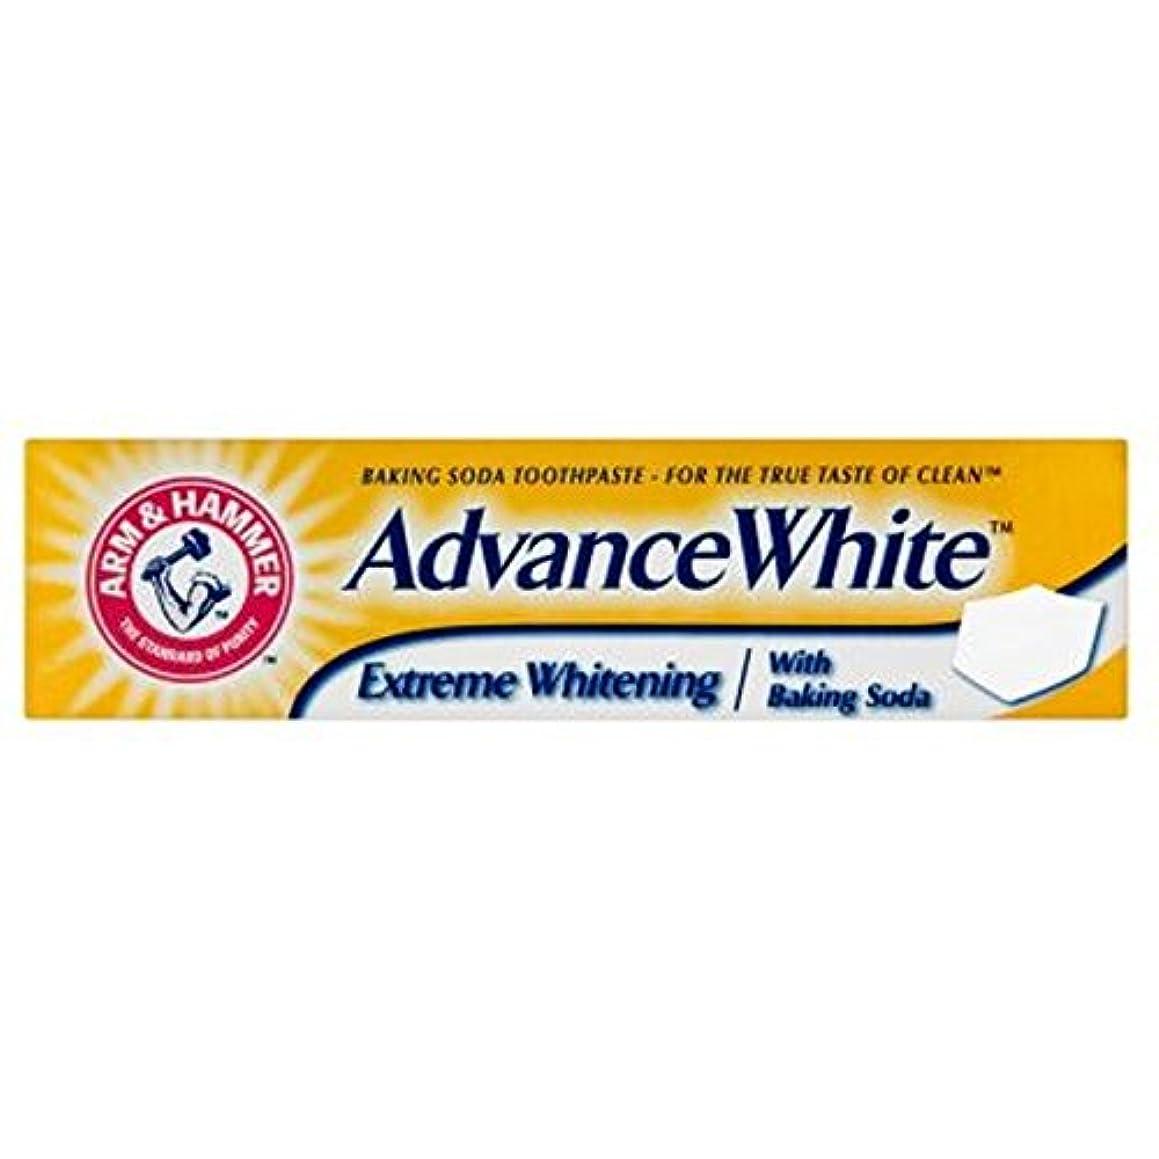 孤独なシーサイドモニターArm & Hammer Advance White Extreme Whitening Baking Soda Toothpaste 75ml - 重曹歯磨き粉75ミリリットルをホワイトニングアーム&ハンマー事前白極端...